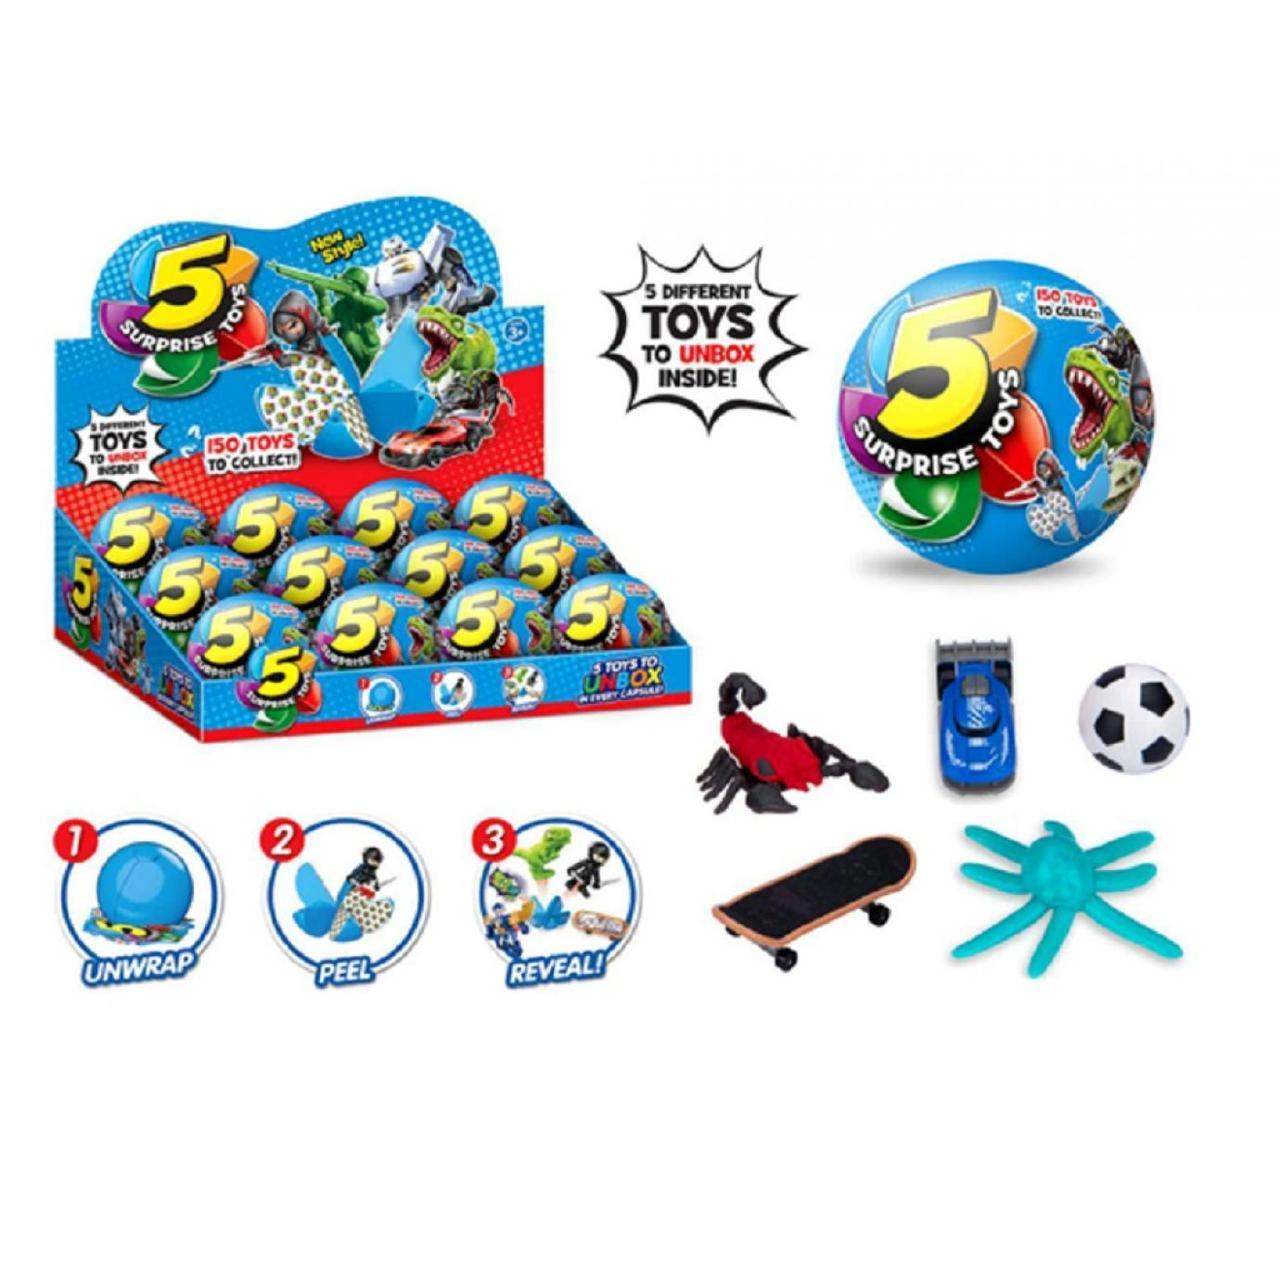 Герої в кулі,складається з 5 сегментів у кожному іграшка,в дисплеї,35х26,2х9см №520(12) КІ